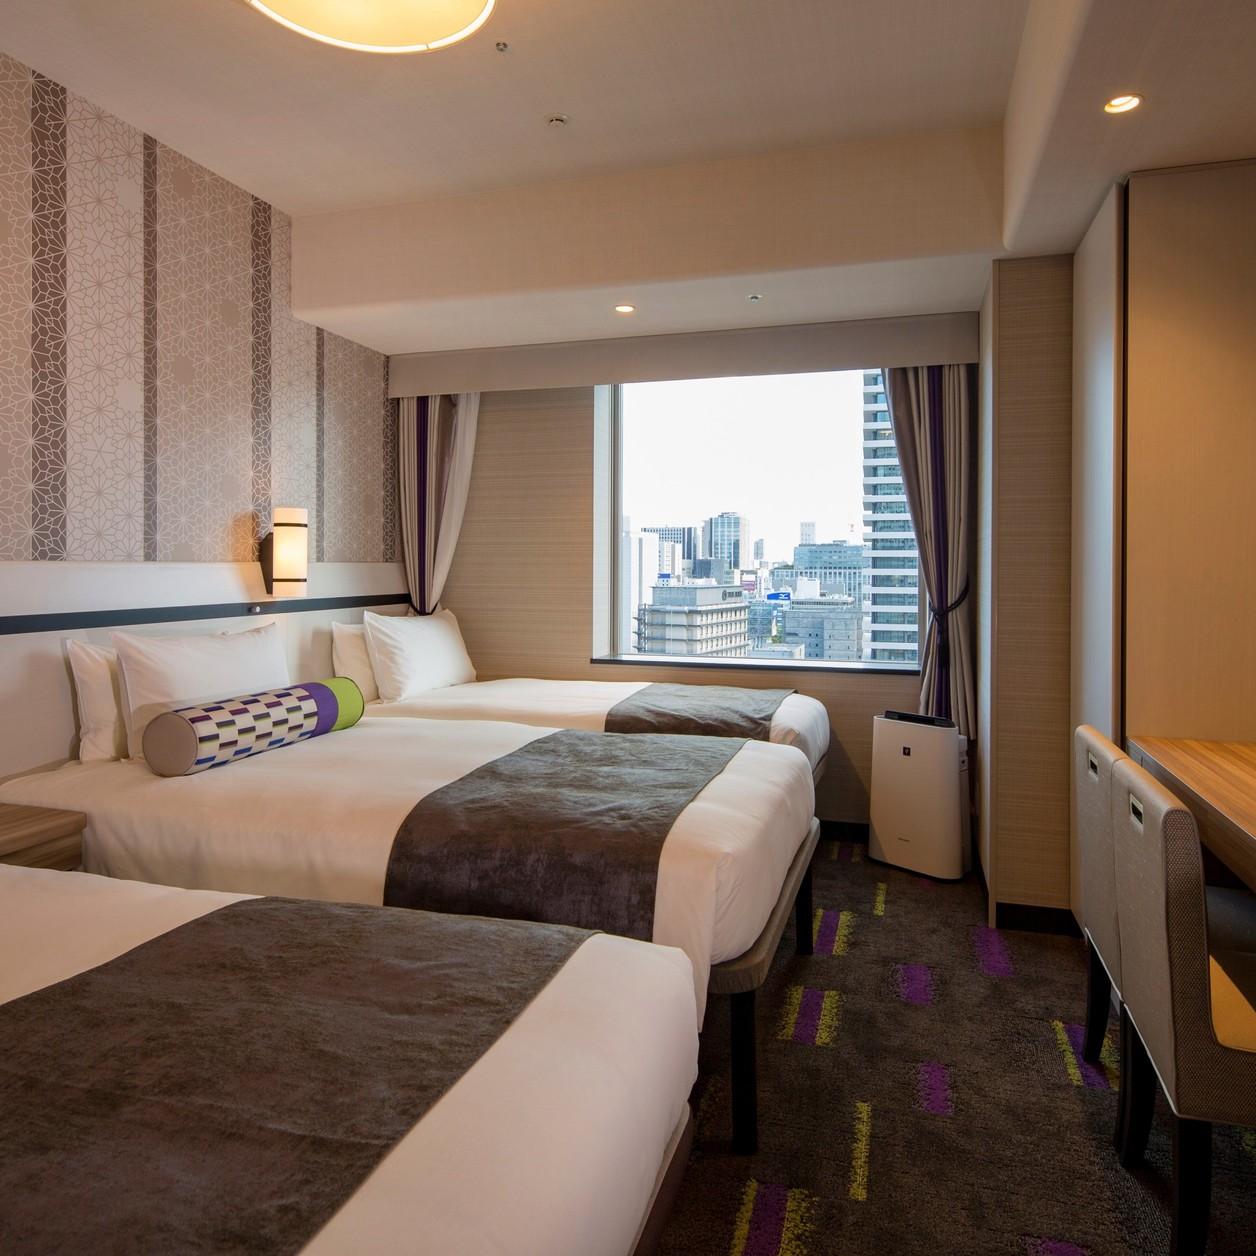 【楽パック限定】モントレグループの新しいホテルに泊まろう!<素泊まり>